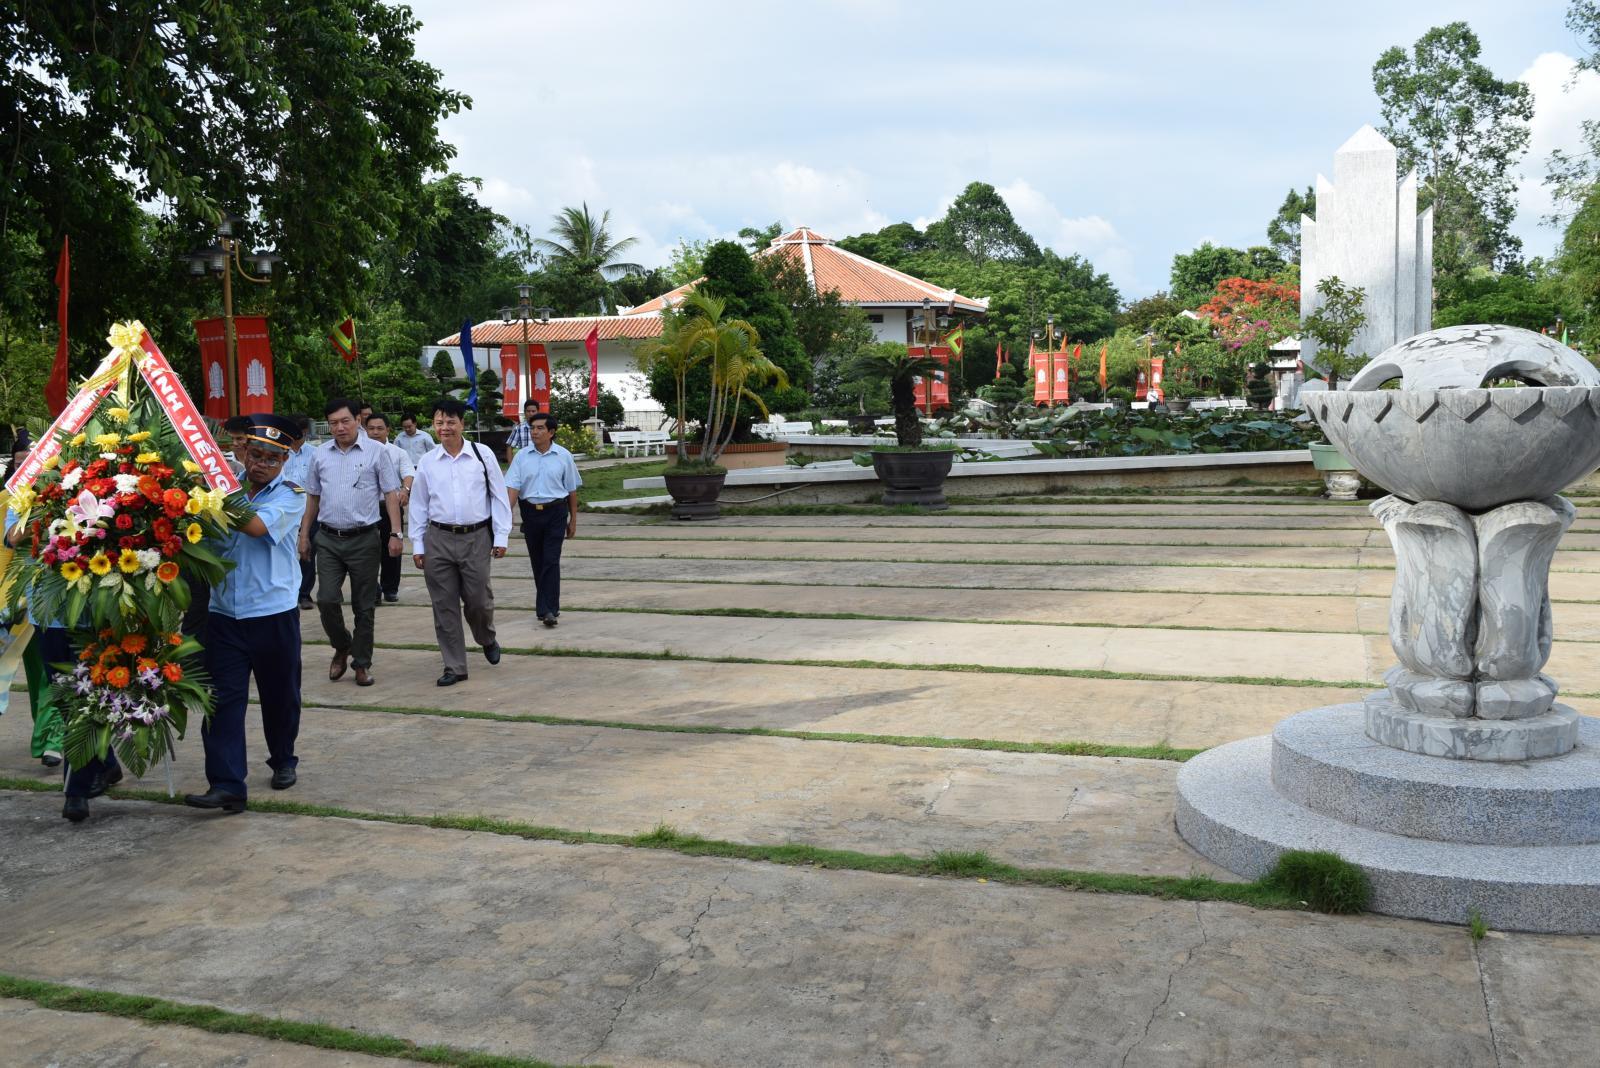 Đoàn công tác Bộ Văn hóa, Thể thao và Du lịch đến viếng, dâng hương, dâng hoa và làm việc tại Khu di tích Nguyễn Sinh Sắc.